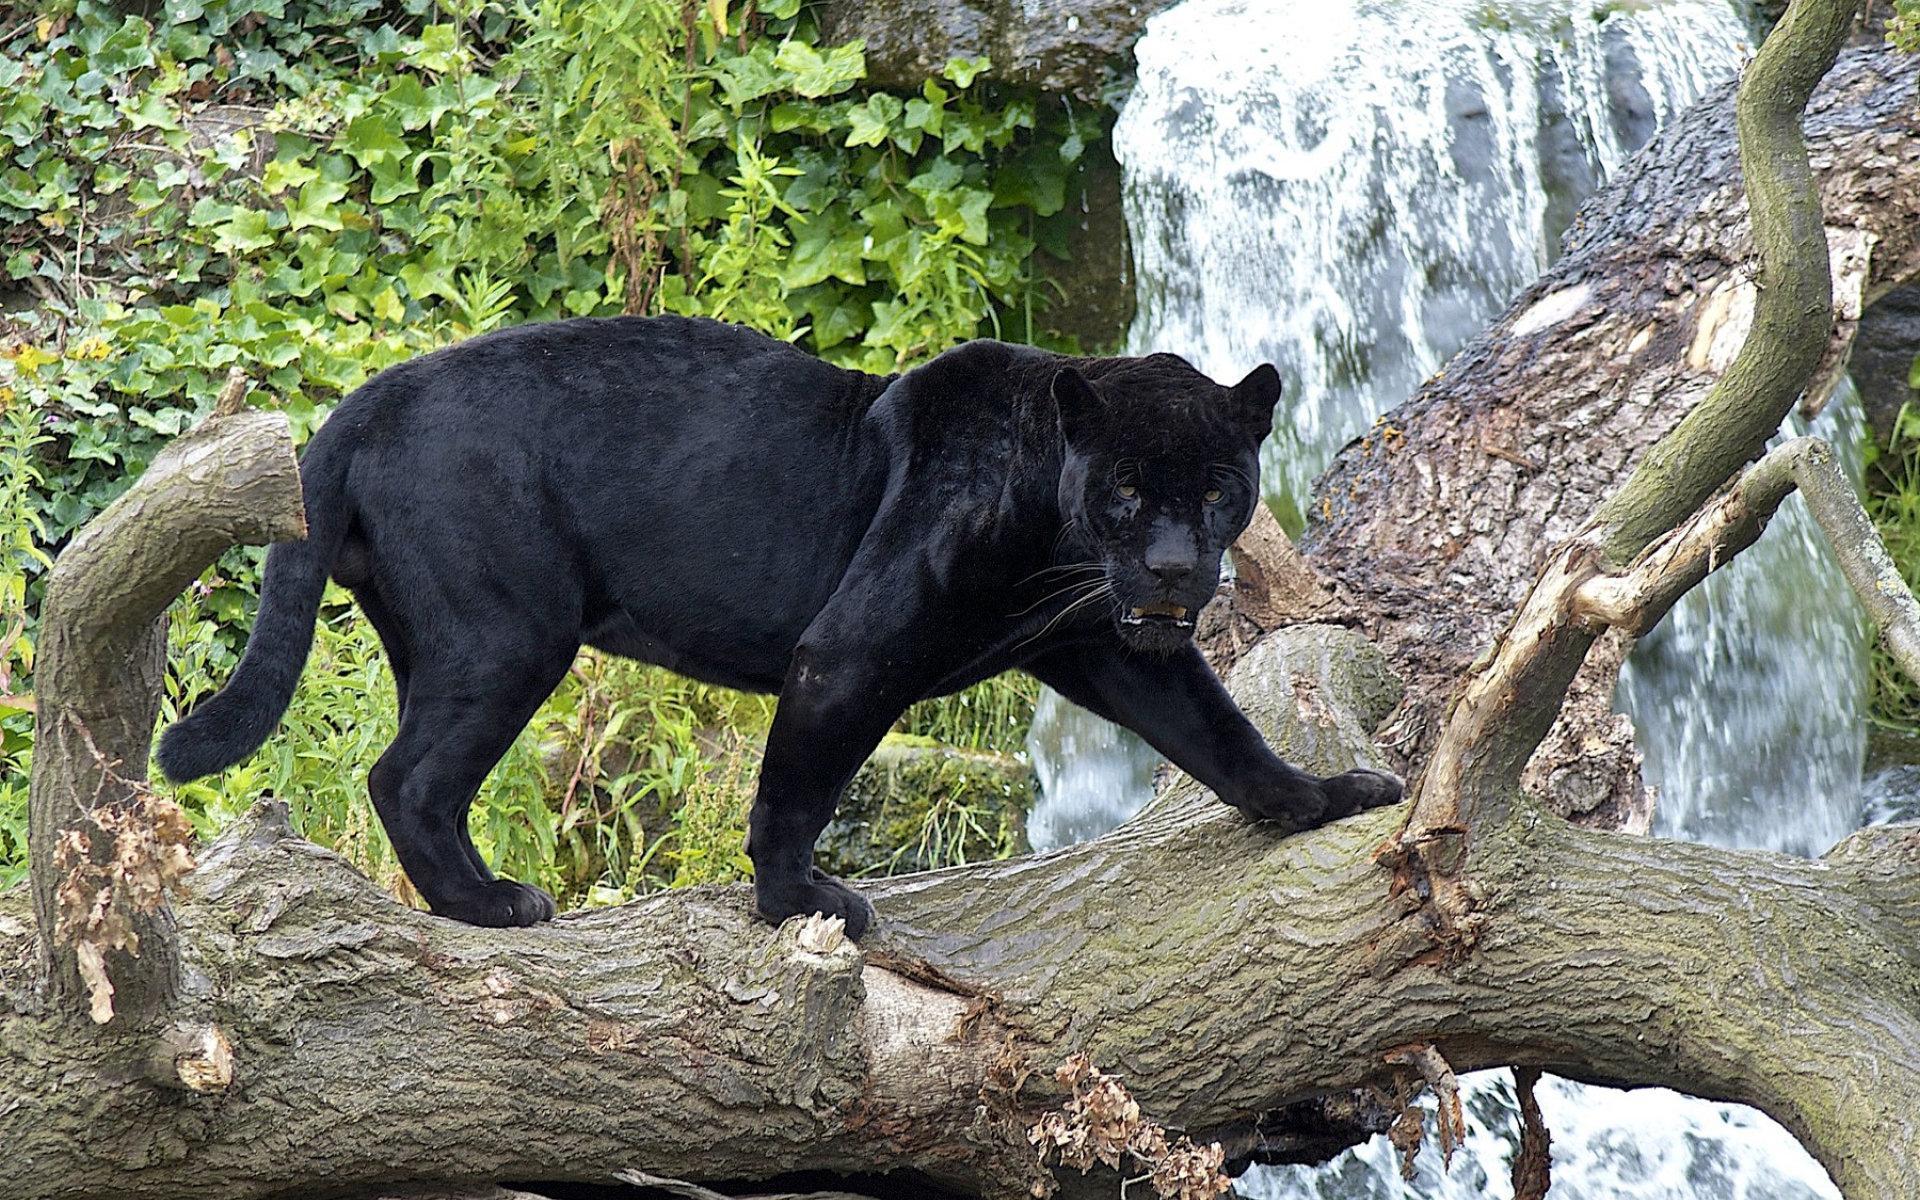 природа животные деревья пантера бесплатно